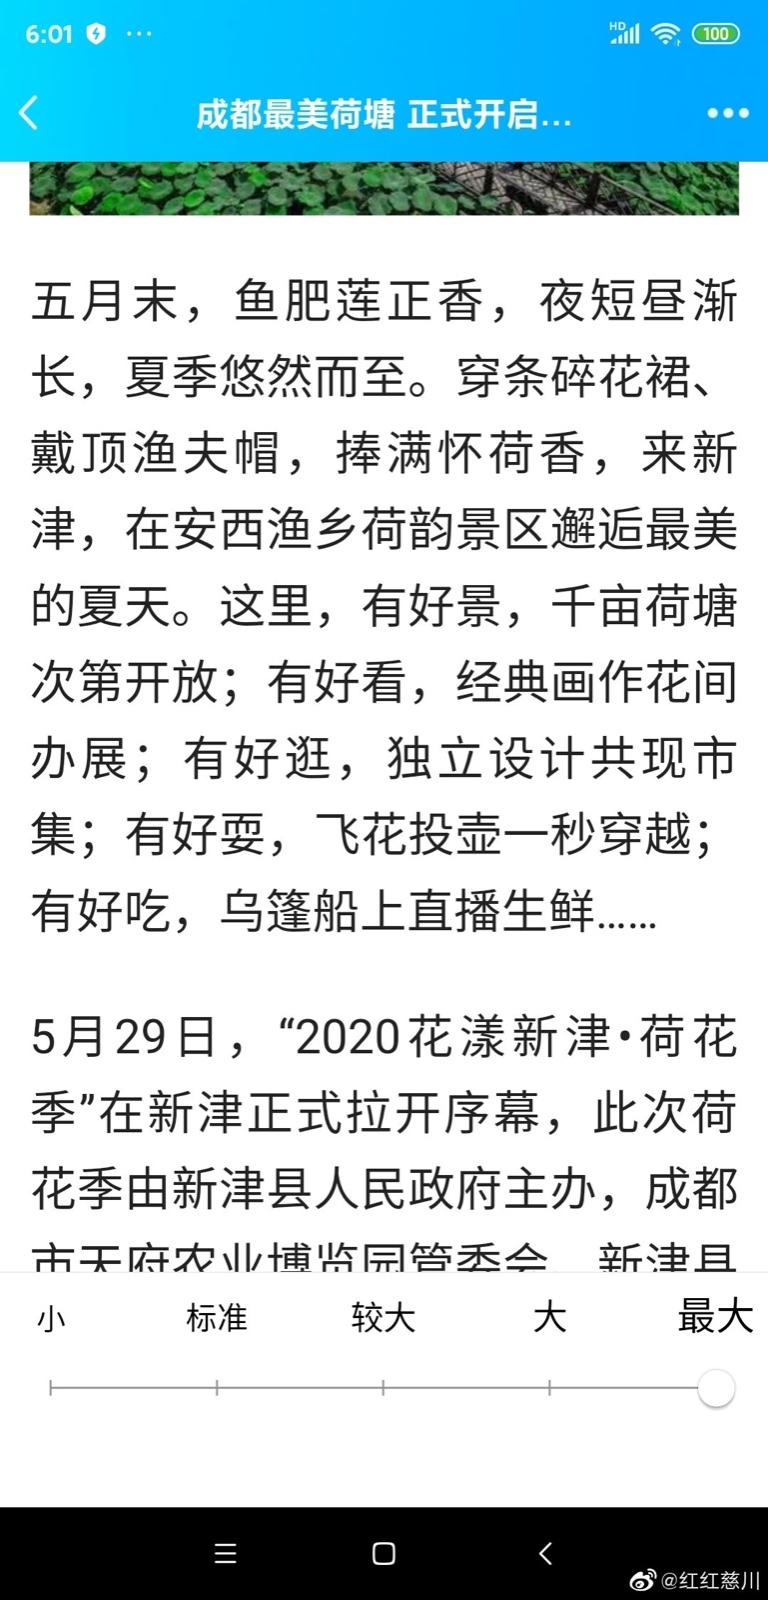 2020年花样新津荷花季_图1-20